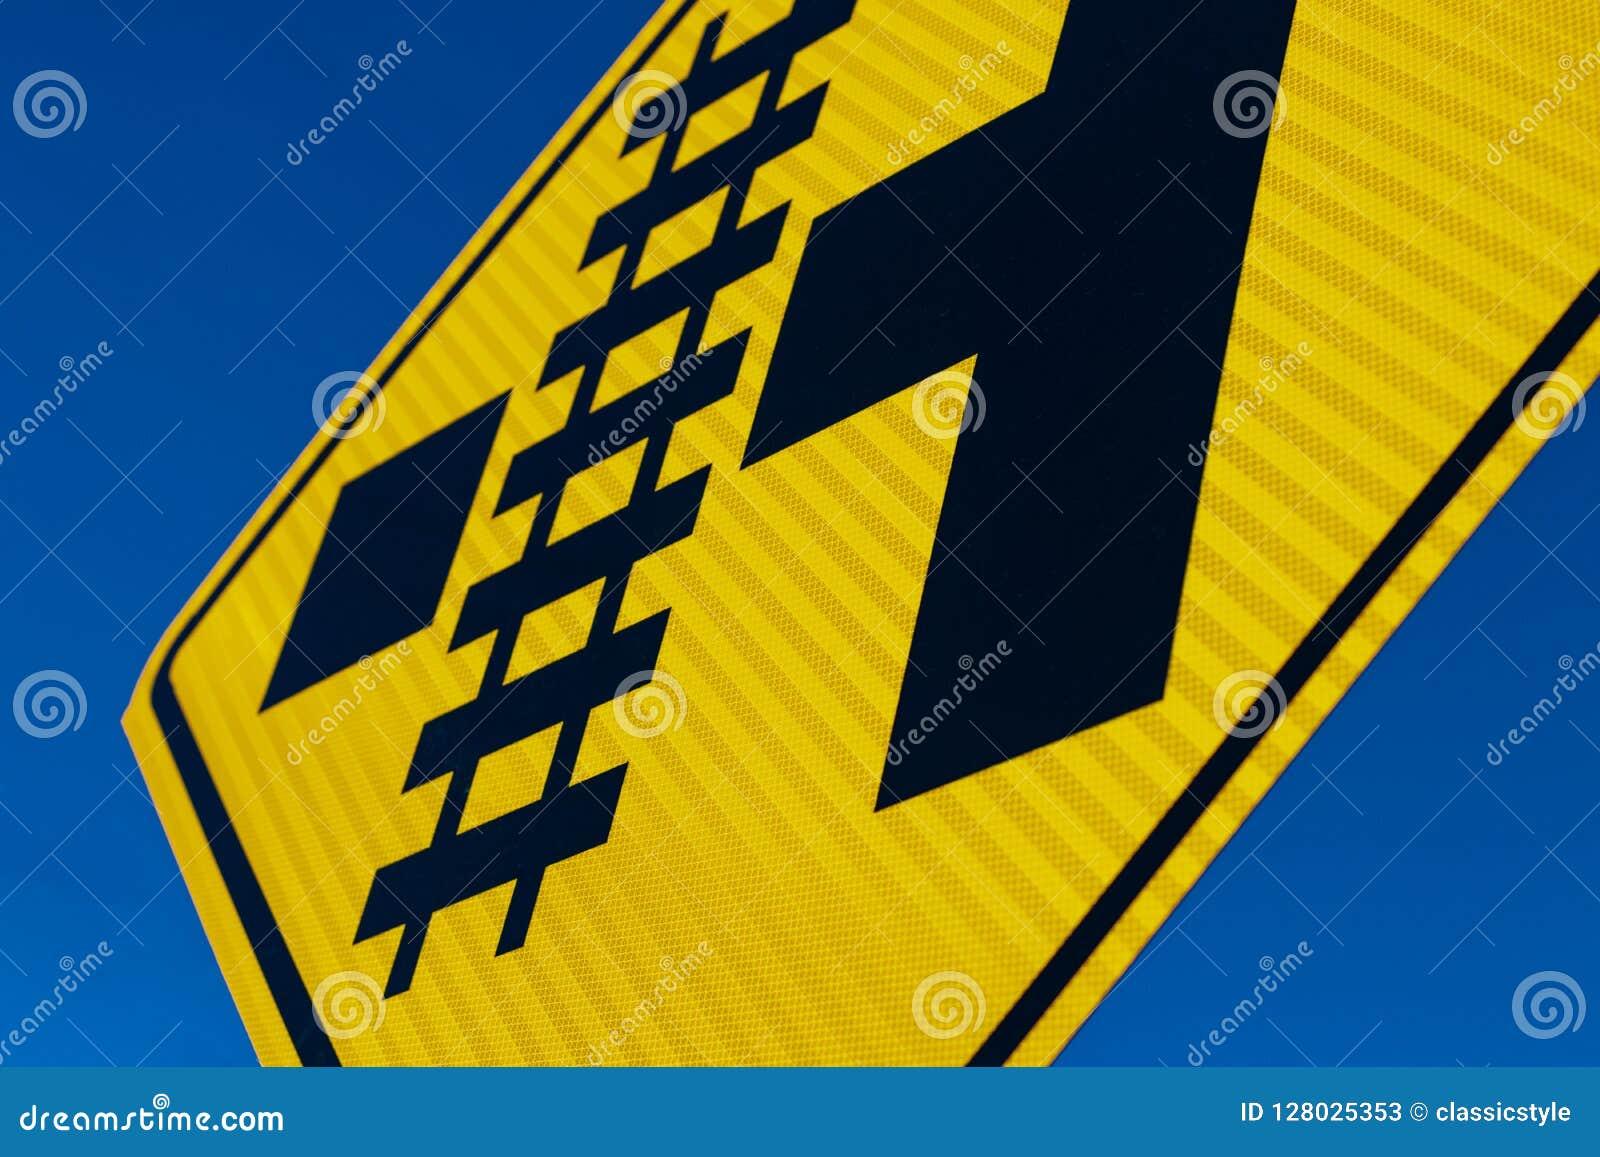 抽象平交道口标志在角度